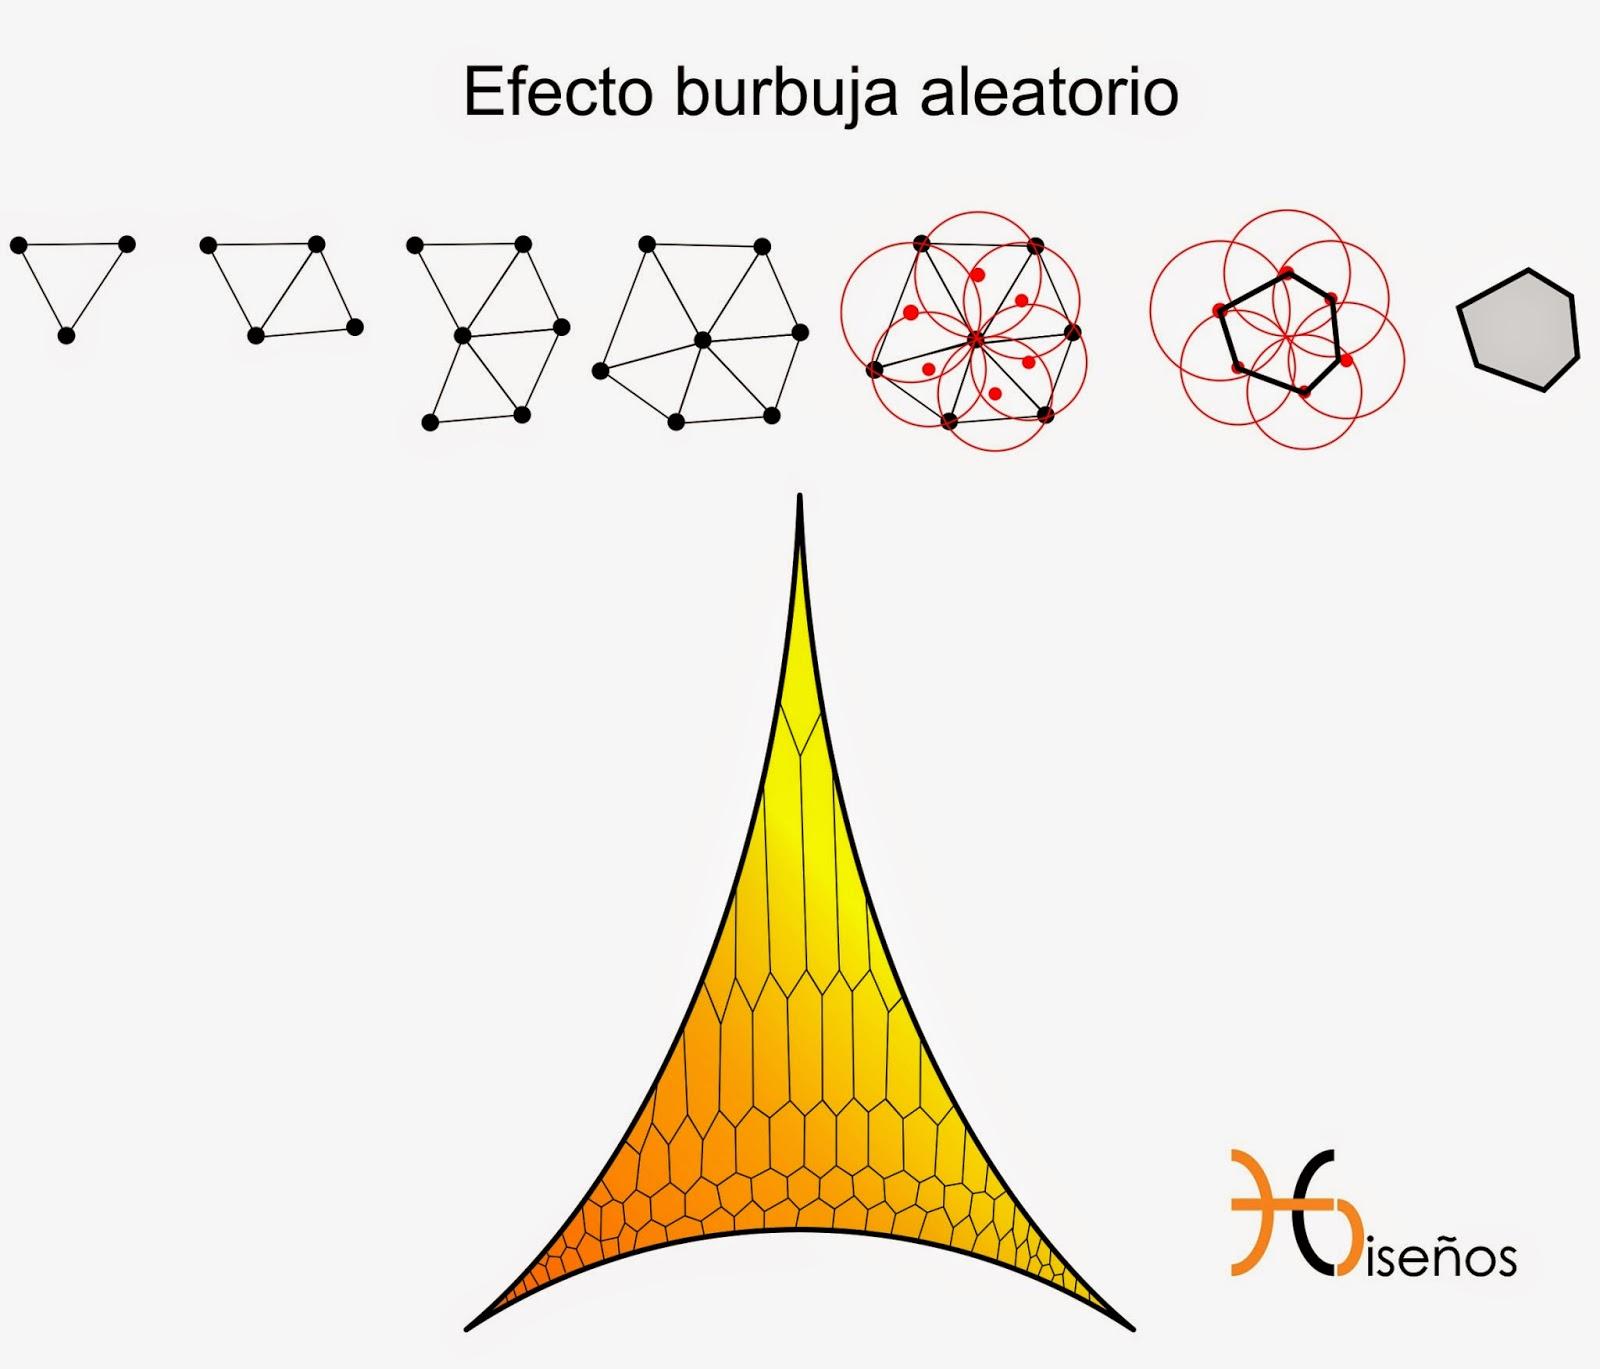 Pentagonometría, burbujas